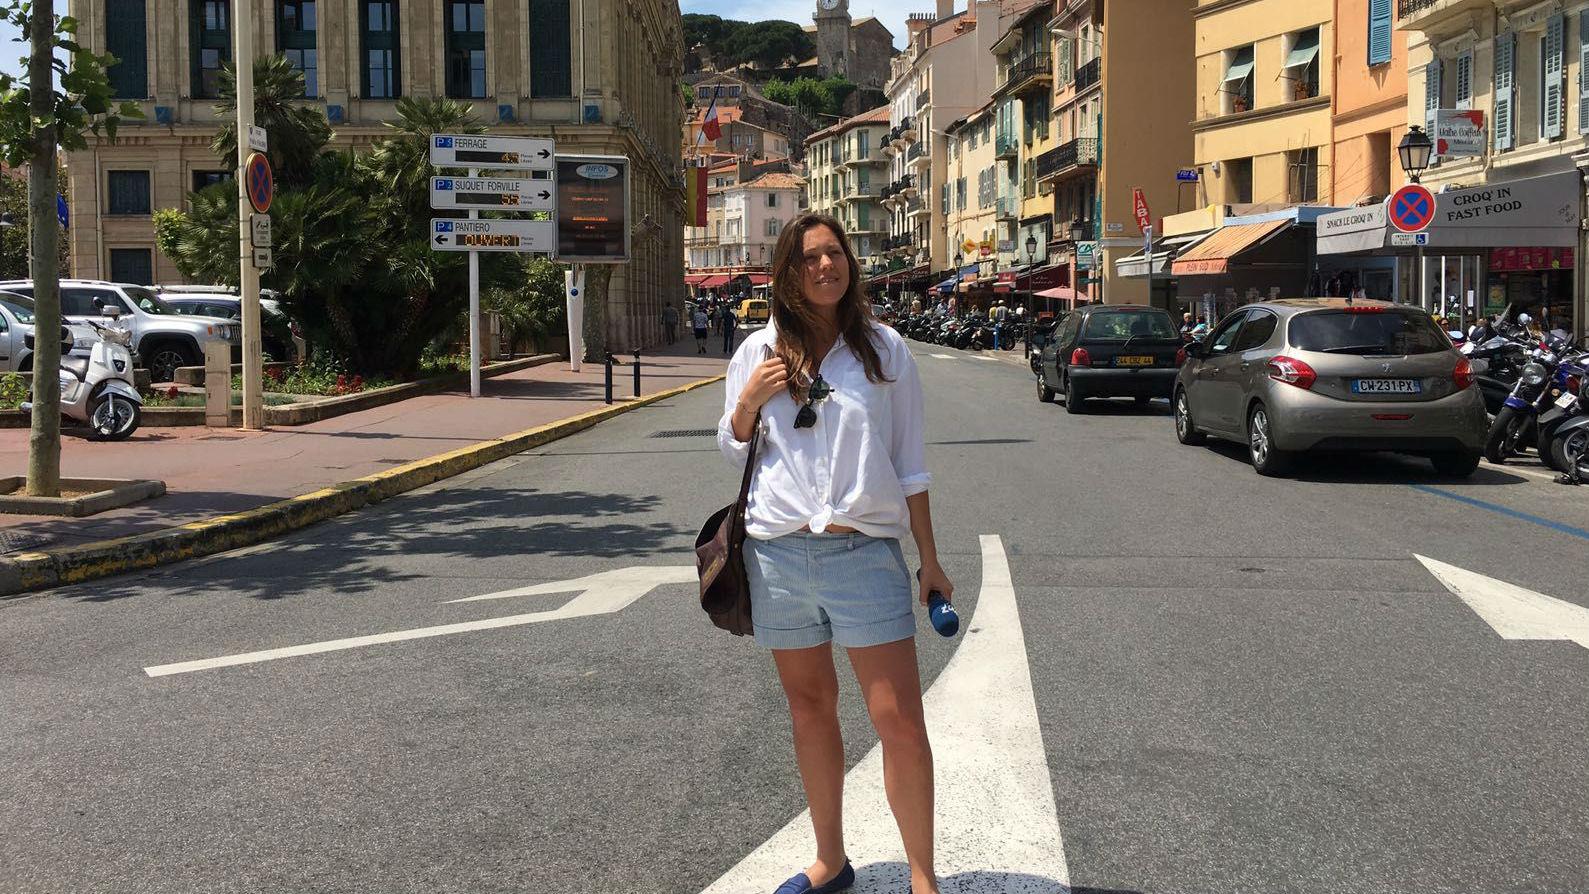 D'Maxi war déi lescht zwou Woche fir den 100,7 um Filmfestival zu Cannes